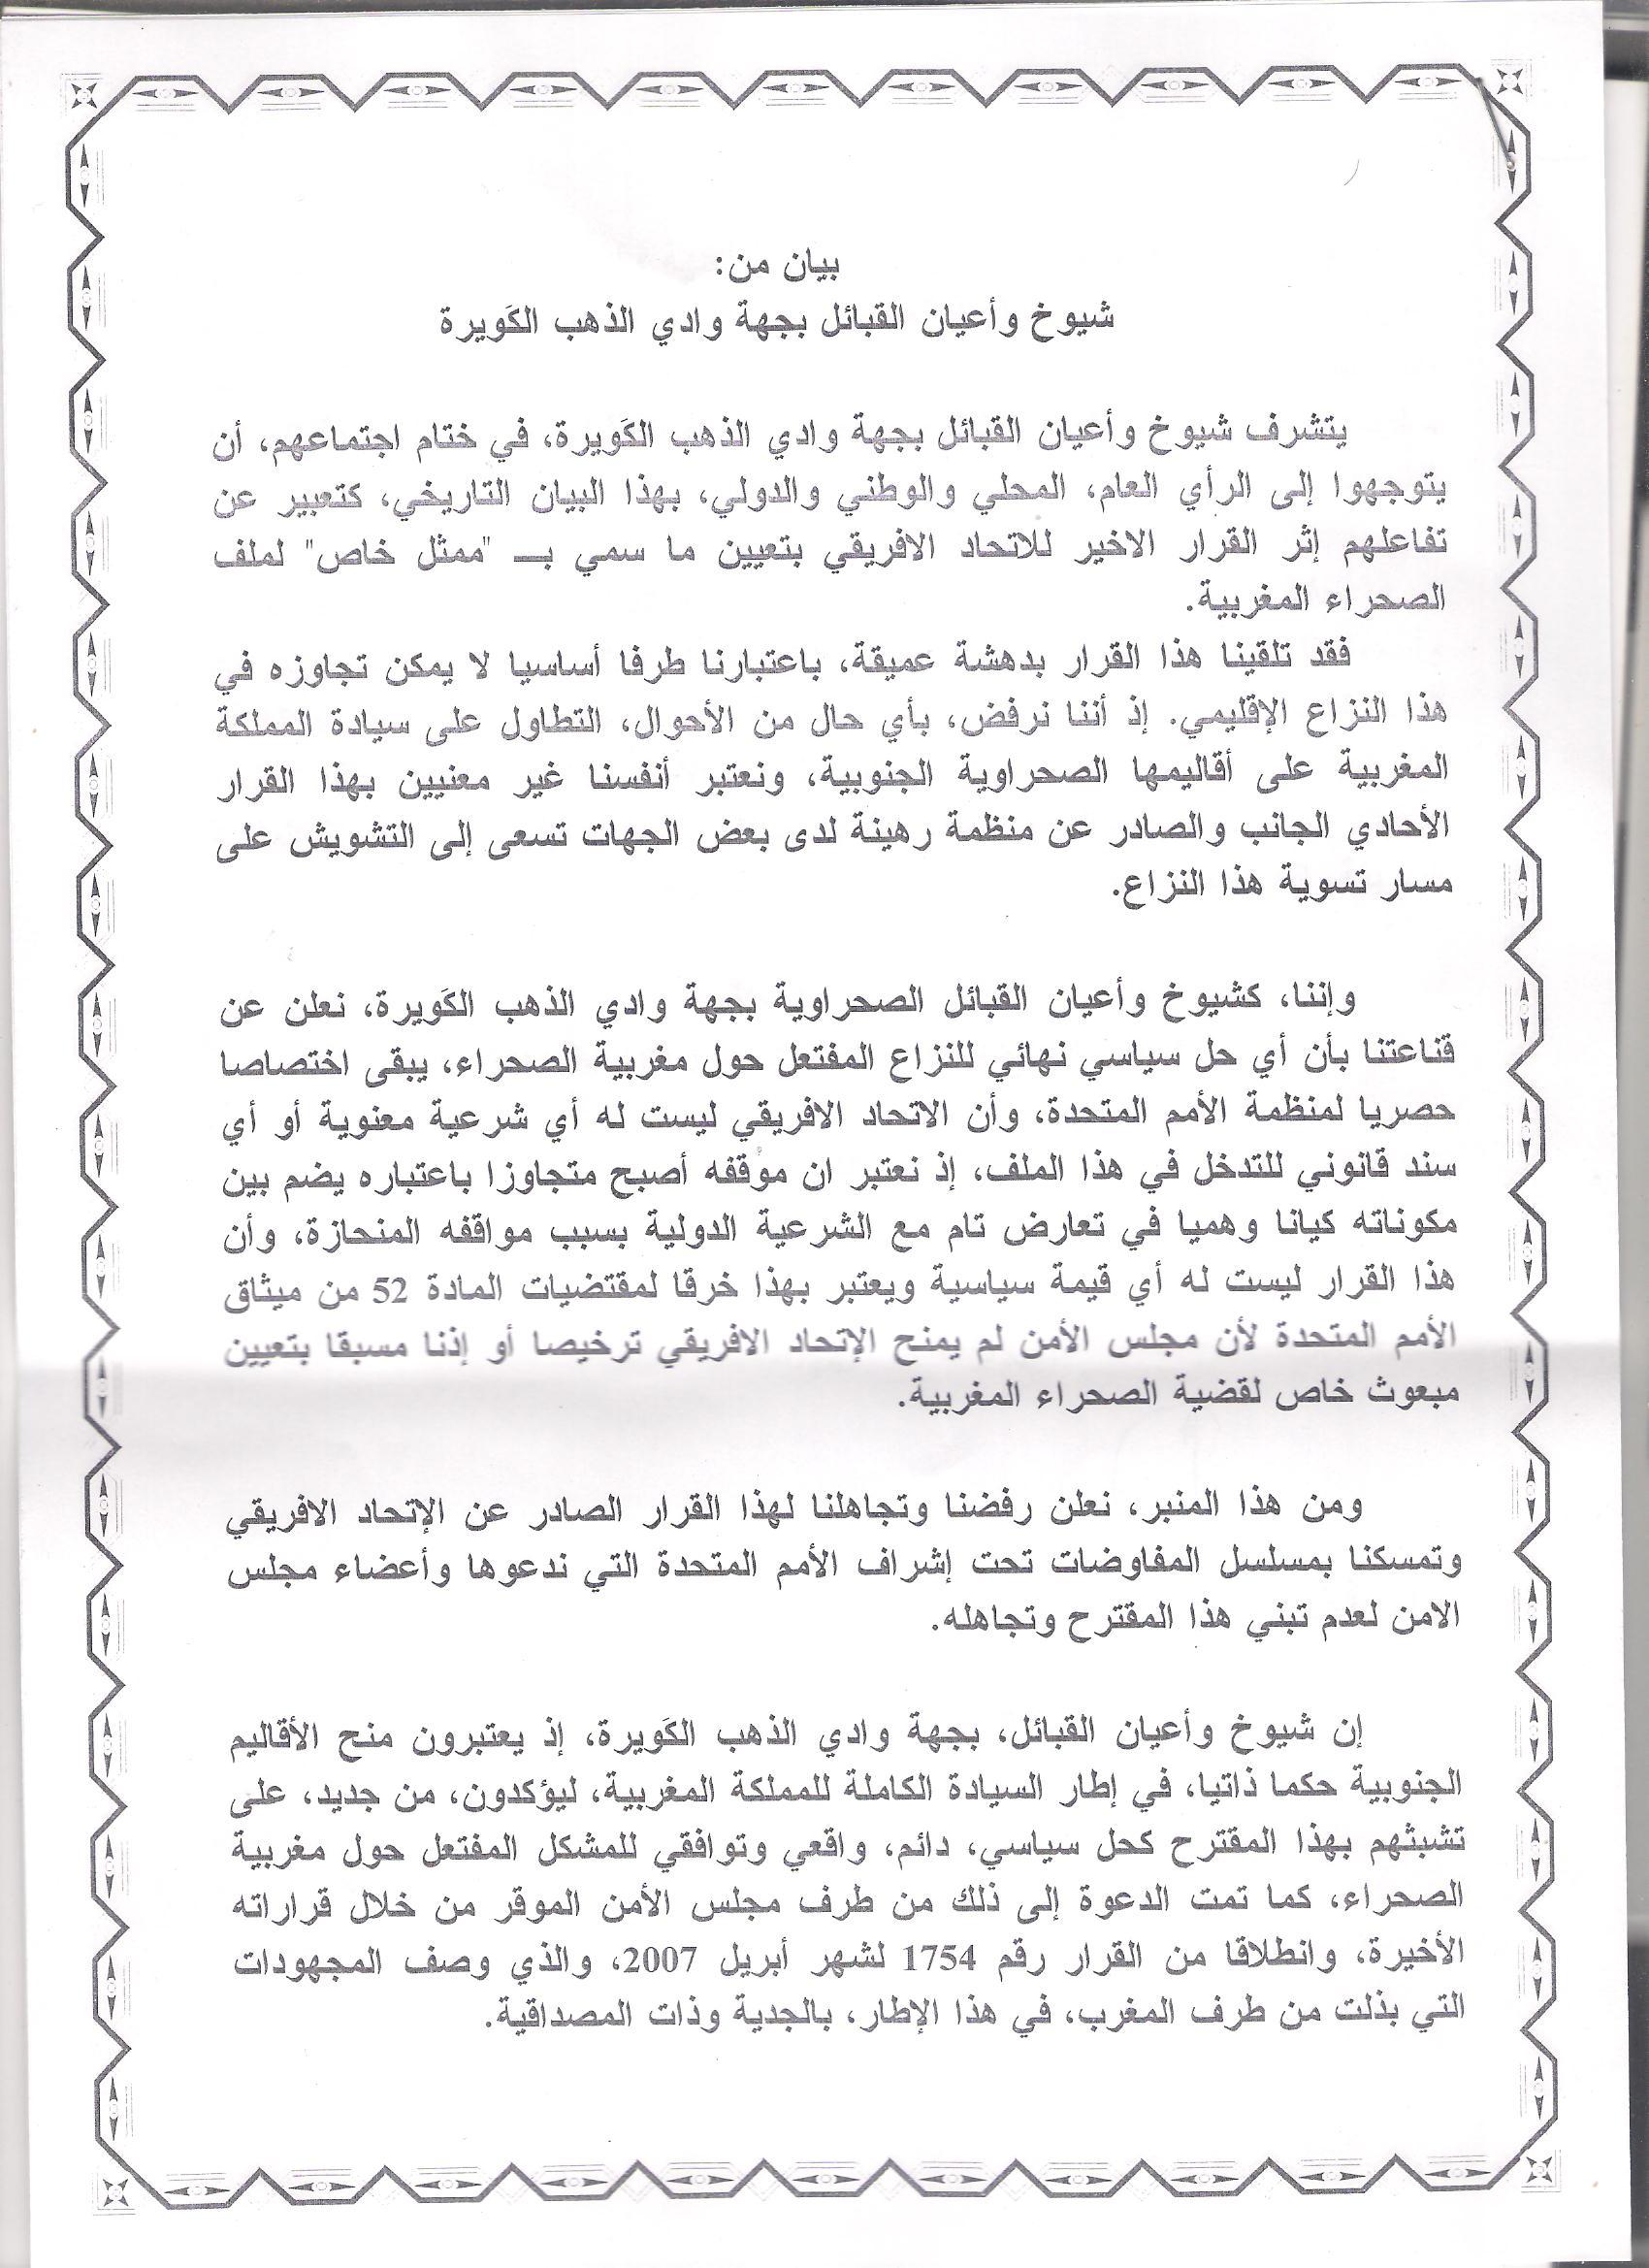 """الداخلة: المجتمع المدني يرفض تعيين """"مبعوث خاص"""" للصحراء…"""